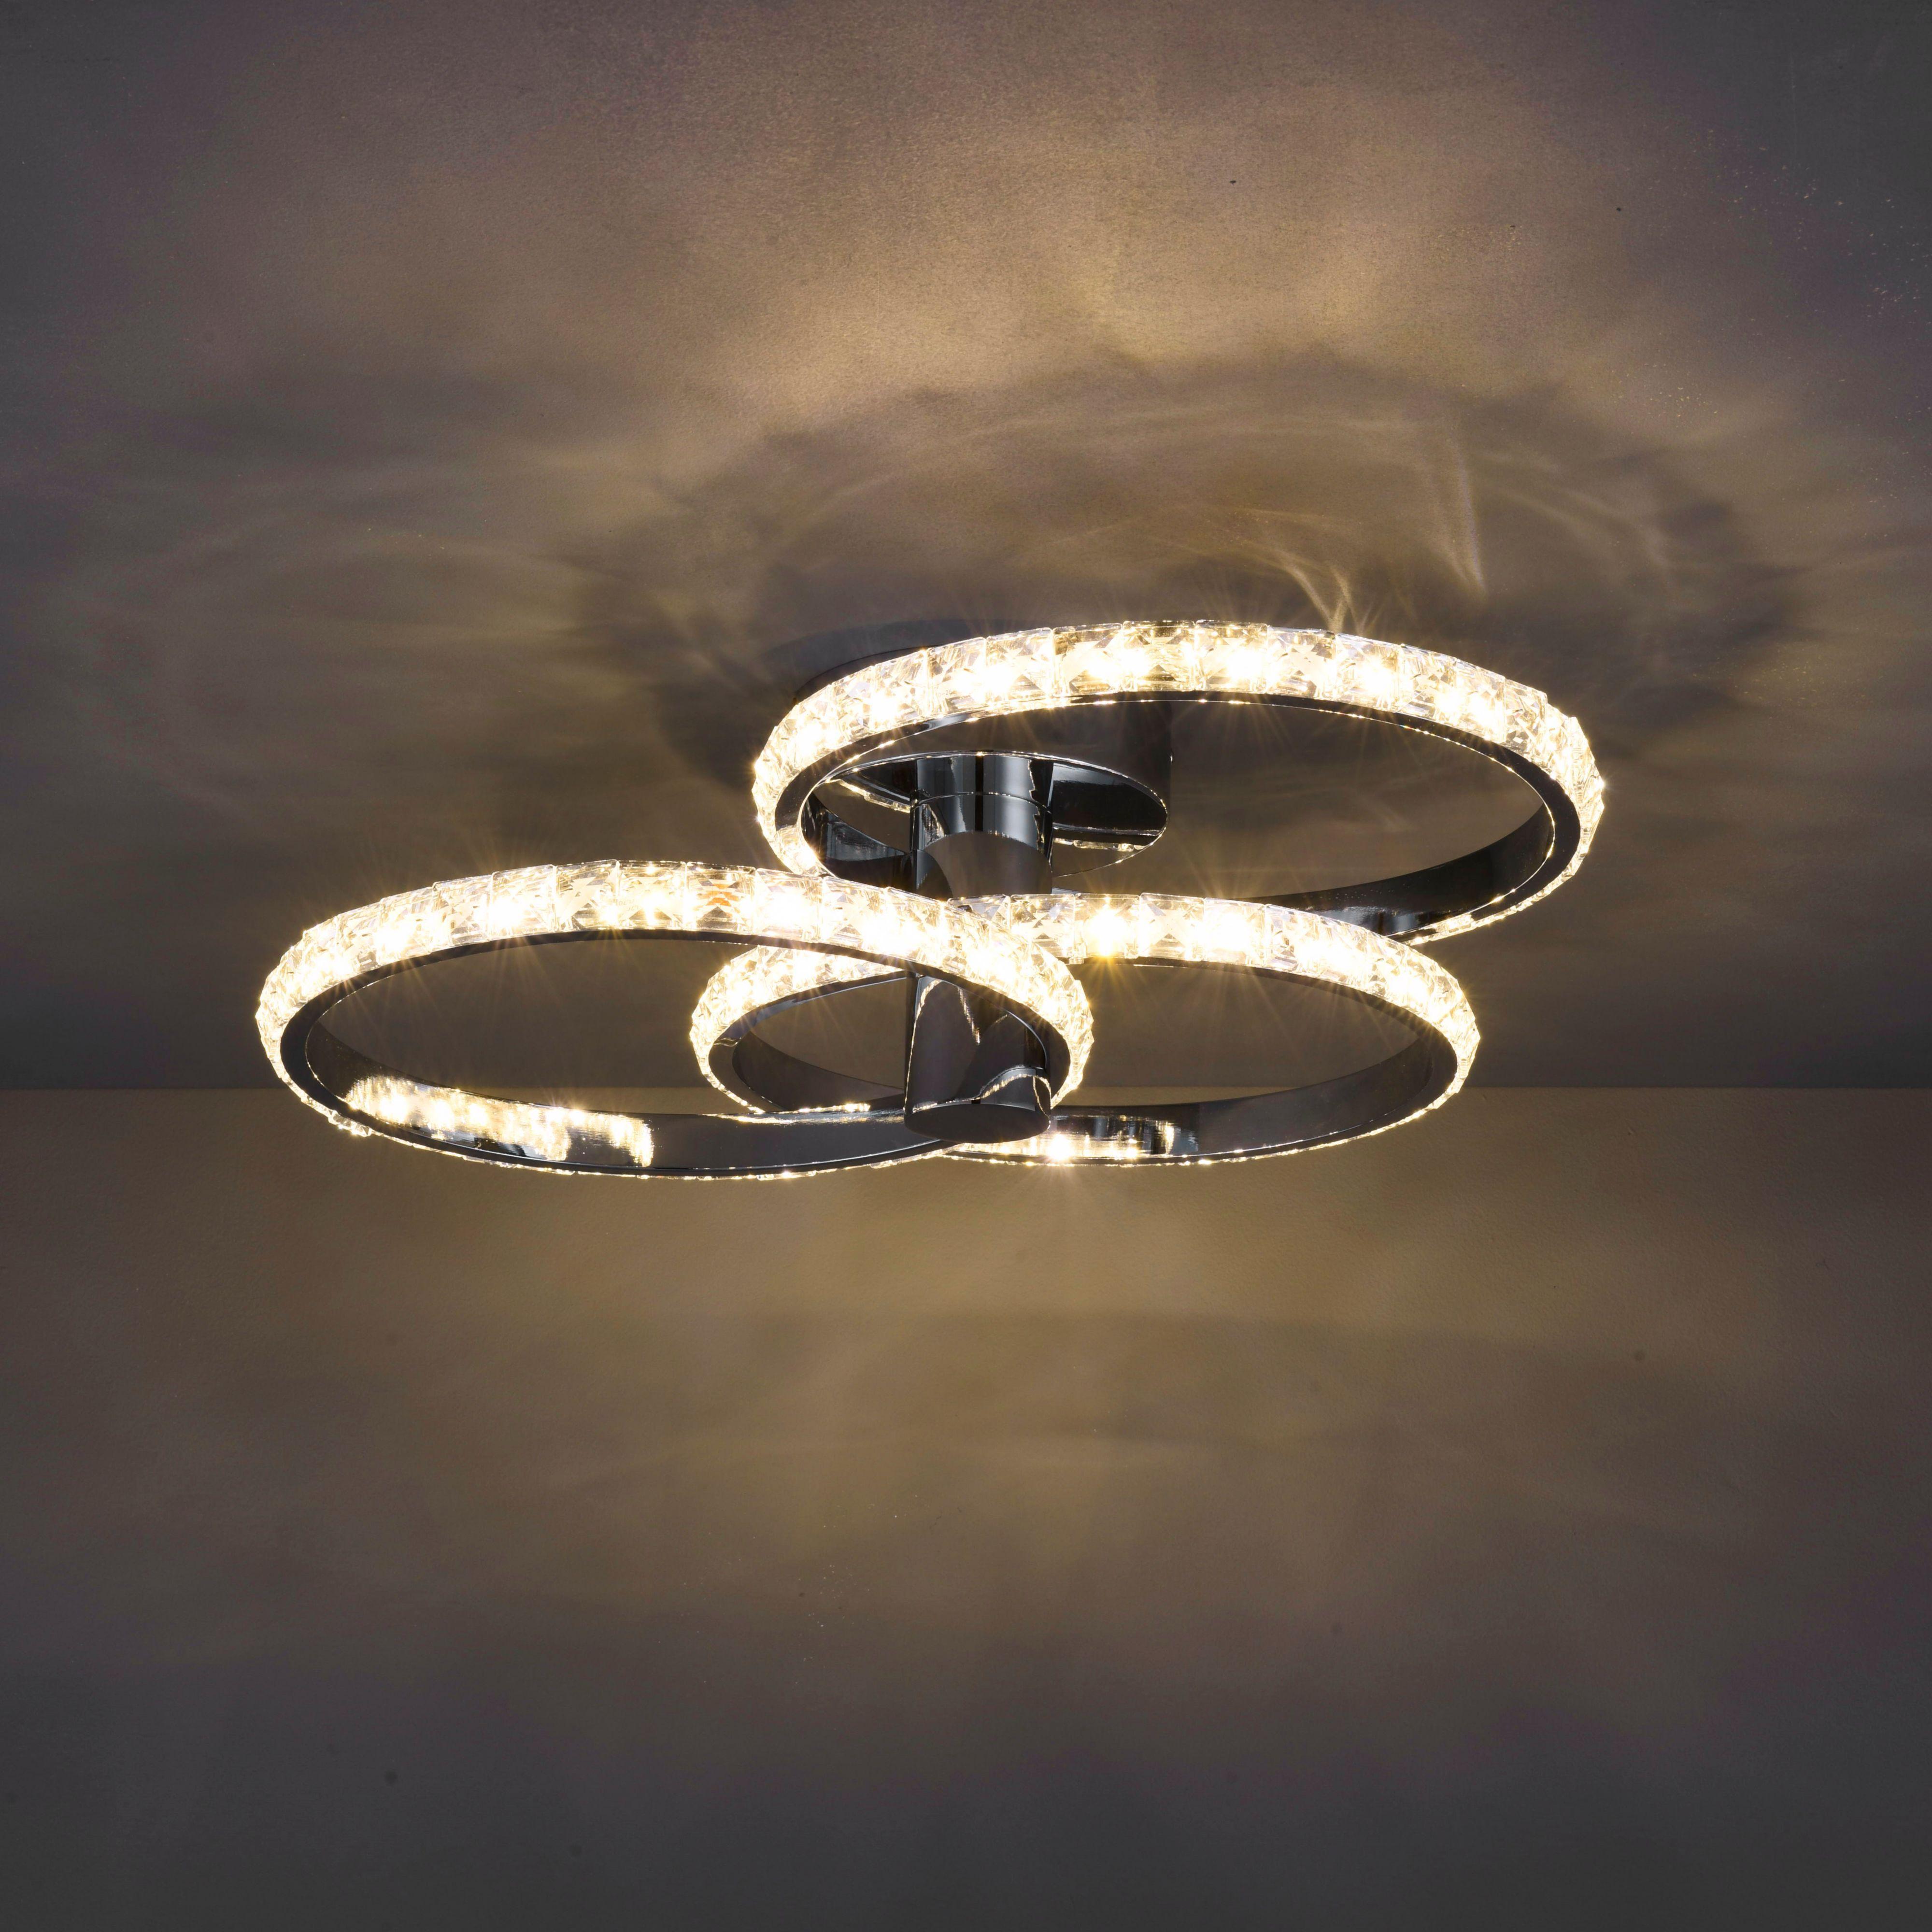 Aura Modern Chrome Effect 3 Lamp Ceiling Light